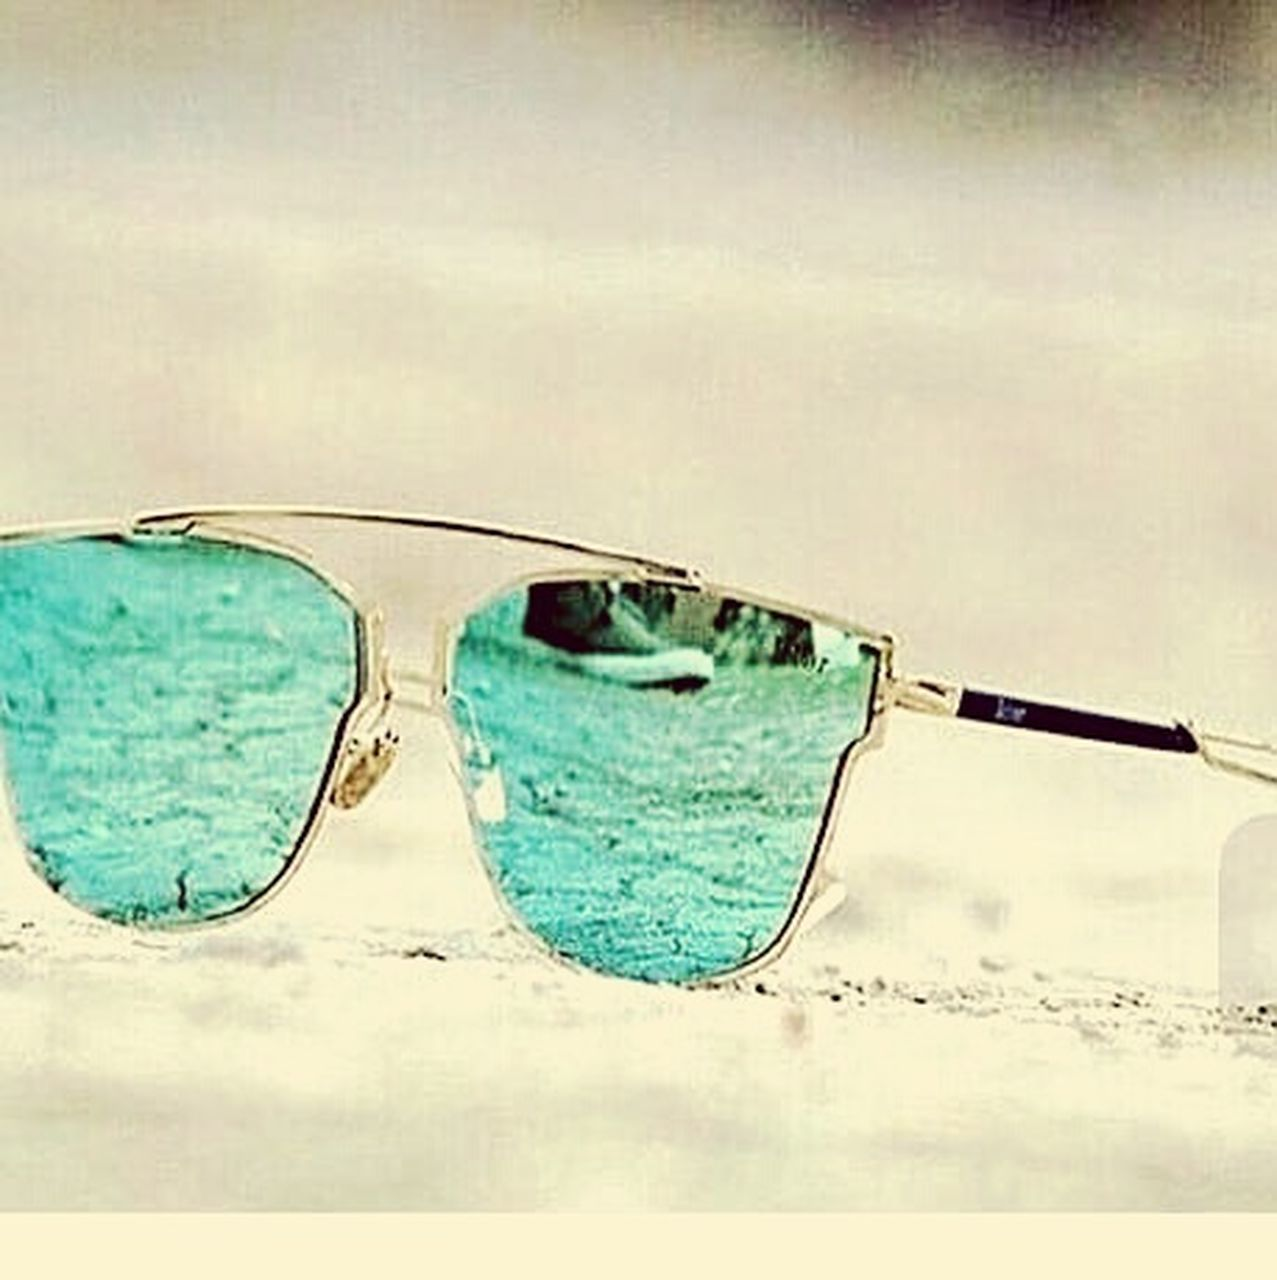 sunglasses, eyeglasses, eyewear, protection, reflection, eyesight, no people, beach, day, outdoors, white background, sky, close-up